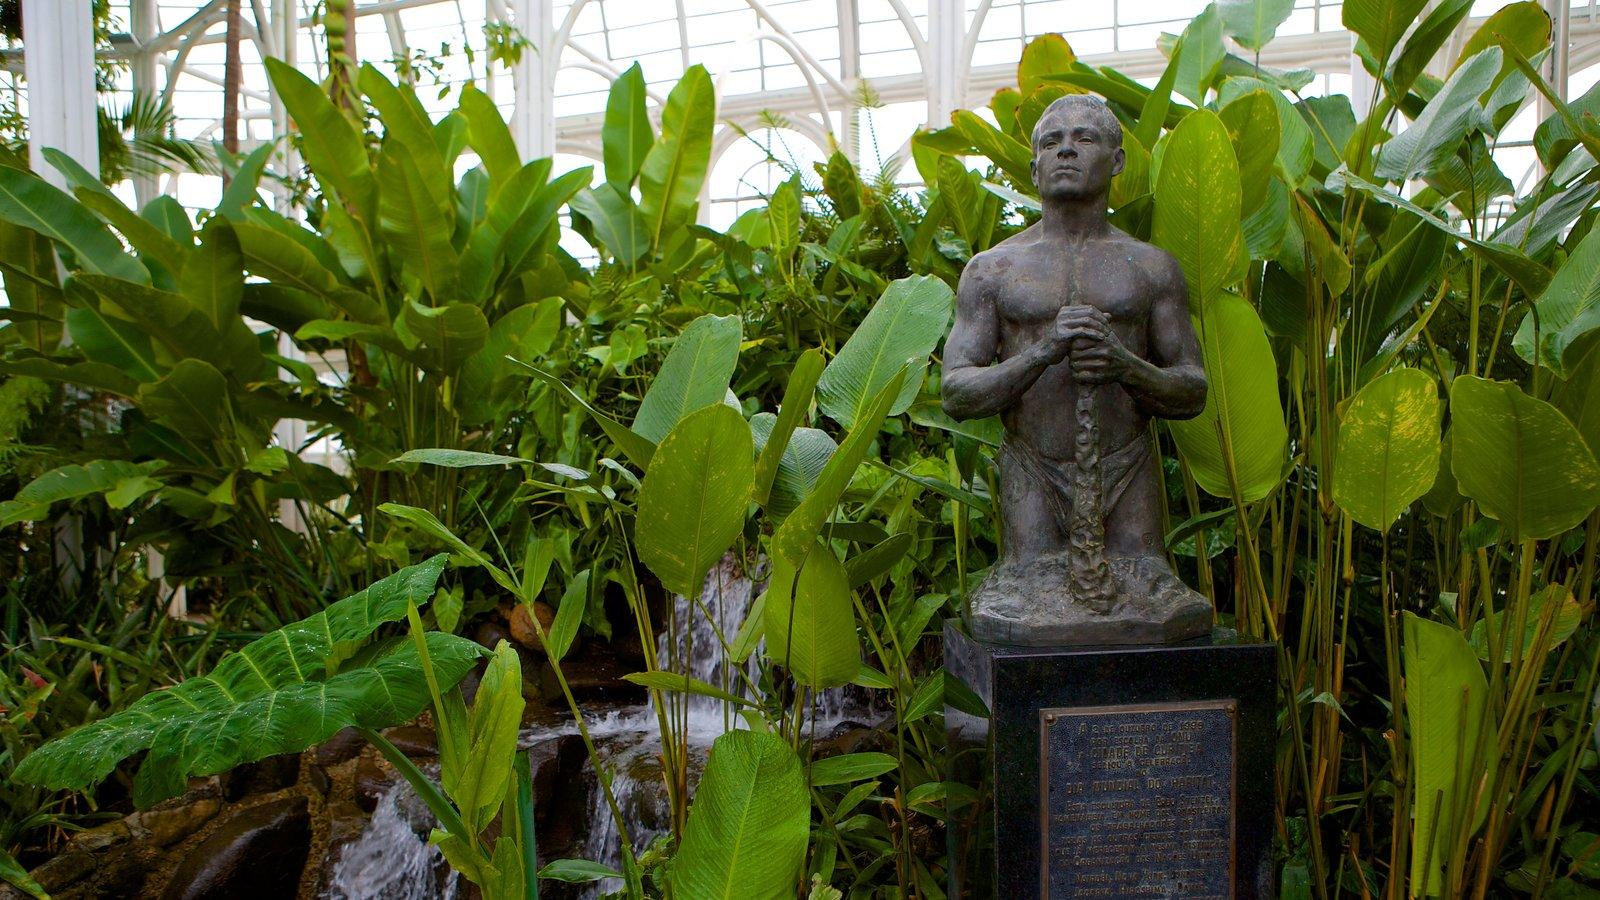 Parque Botânico de Curitiba que inclui uma estátua ou escultura, vistas internas e um jardim